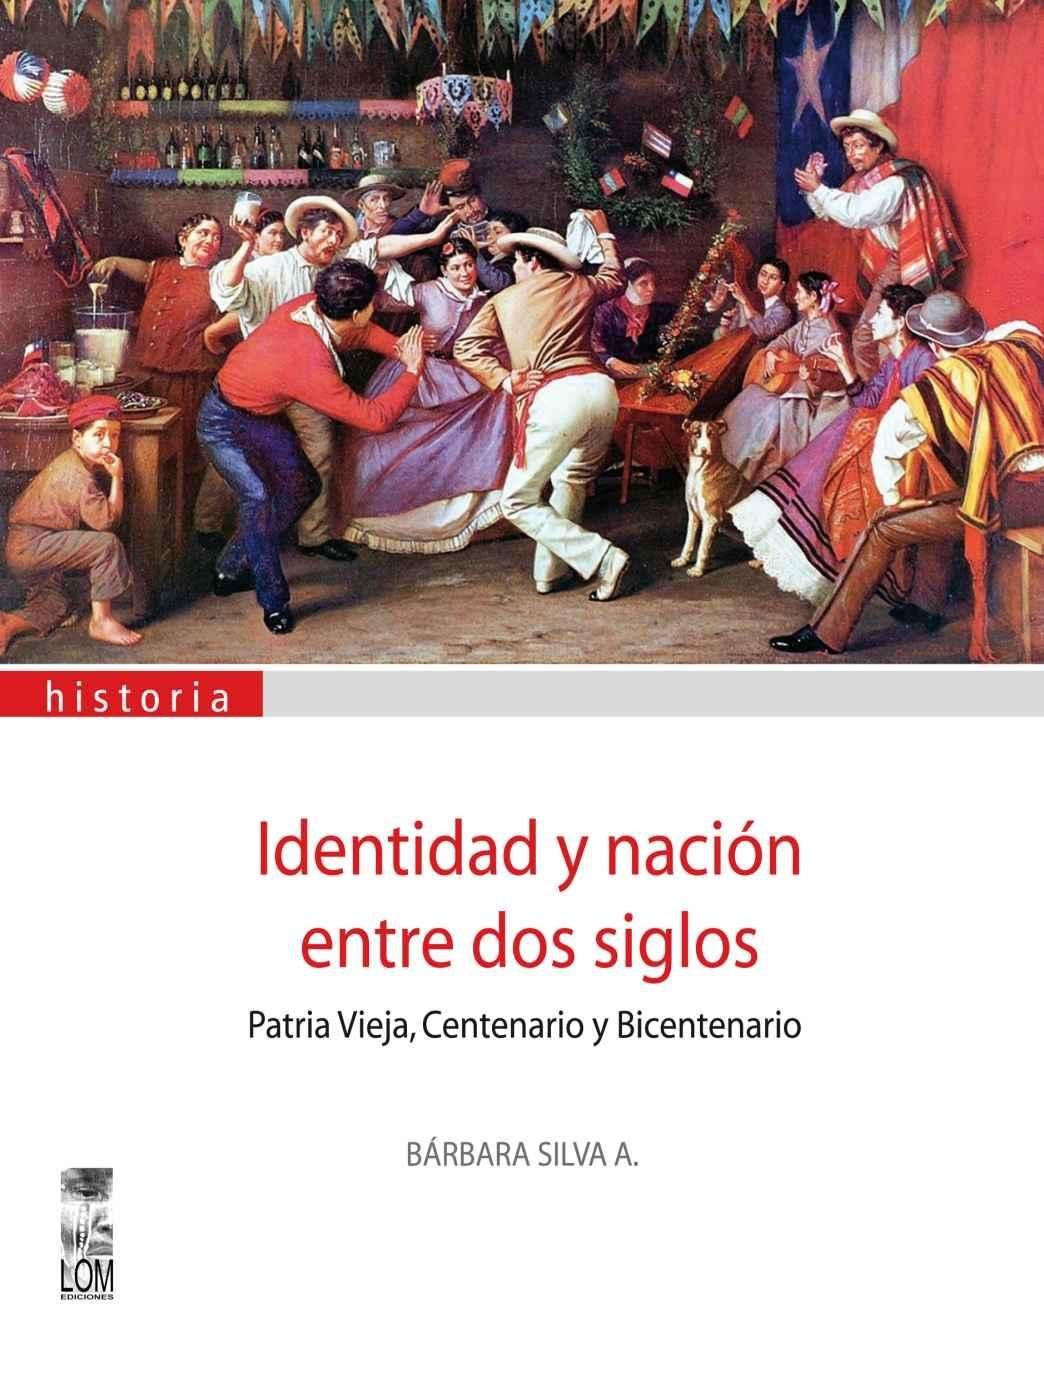 Identidad y nación entre dos siglos